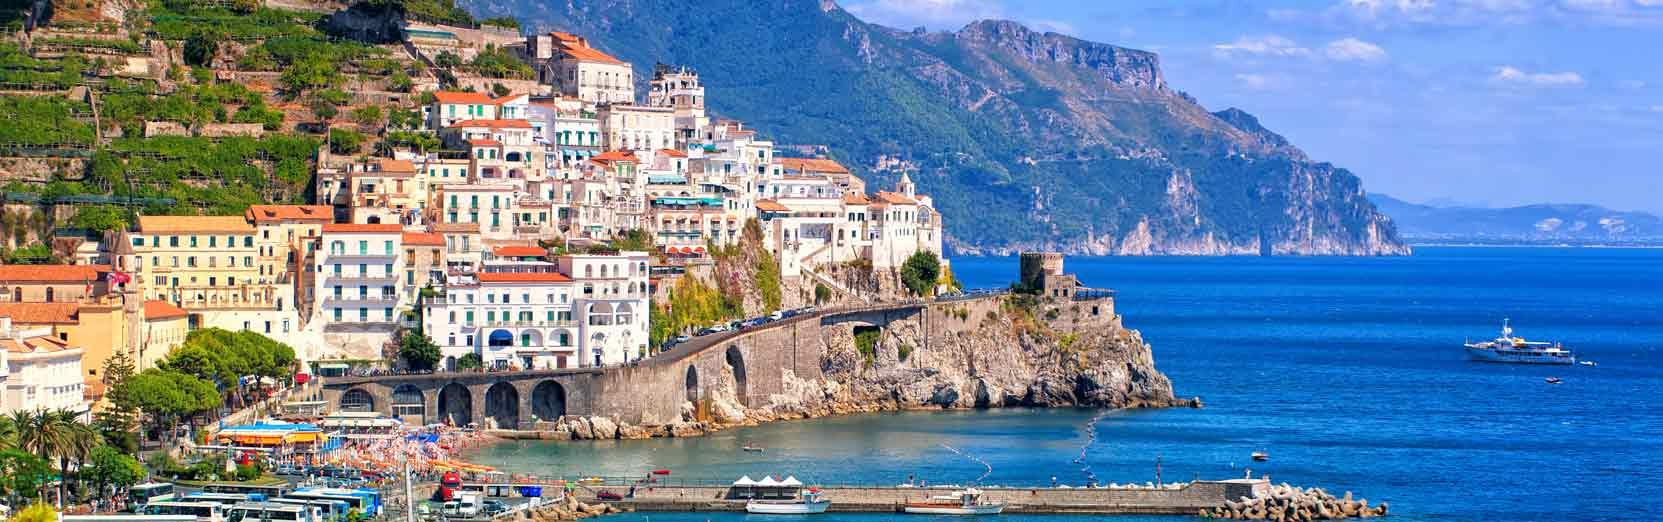 Rundreise Amalfiküste